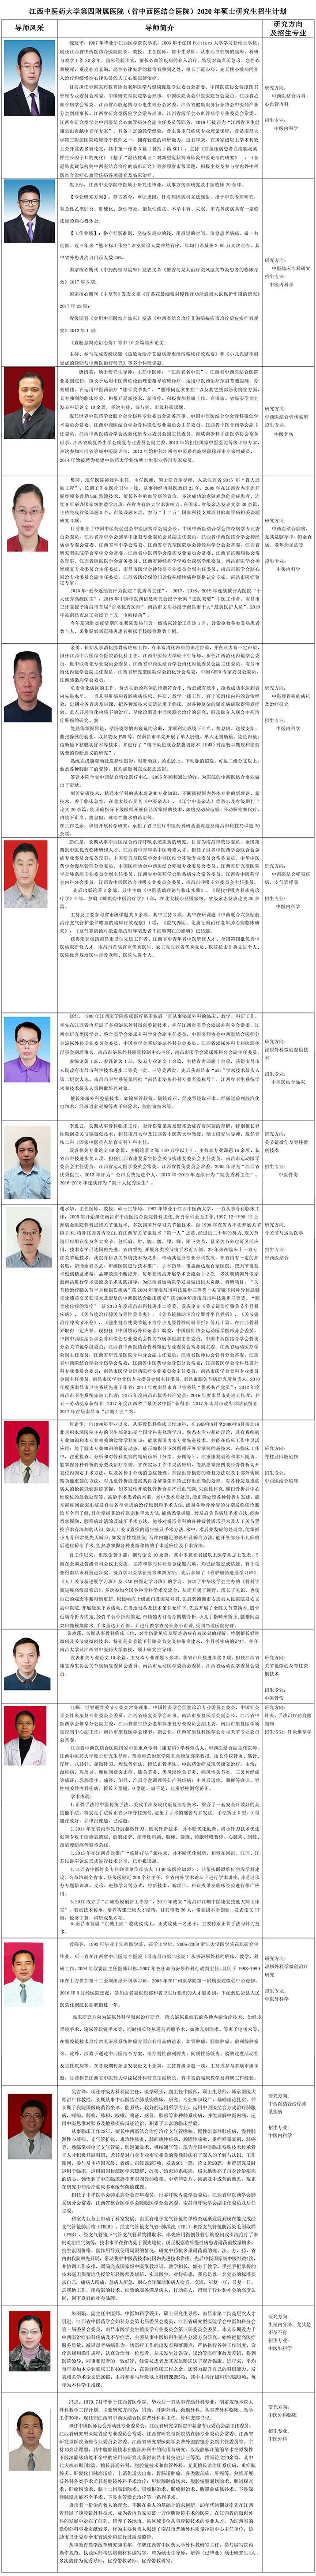 江西中医药大学第四附属医院.jpg